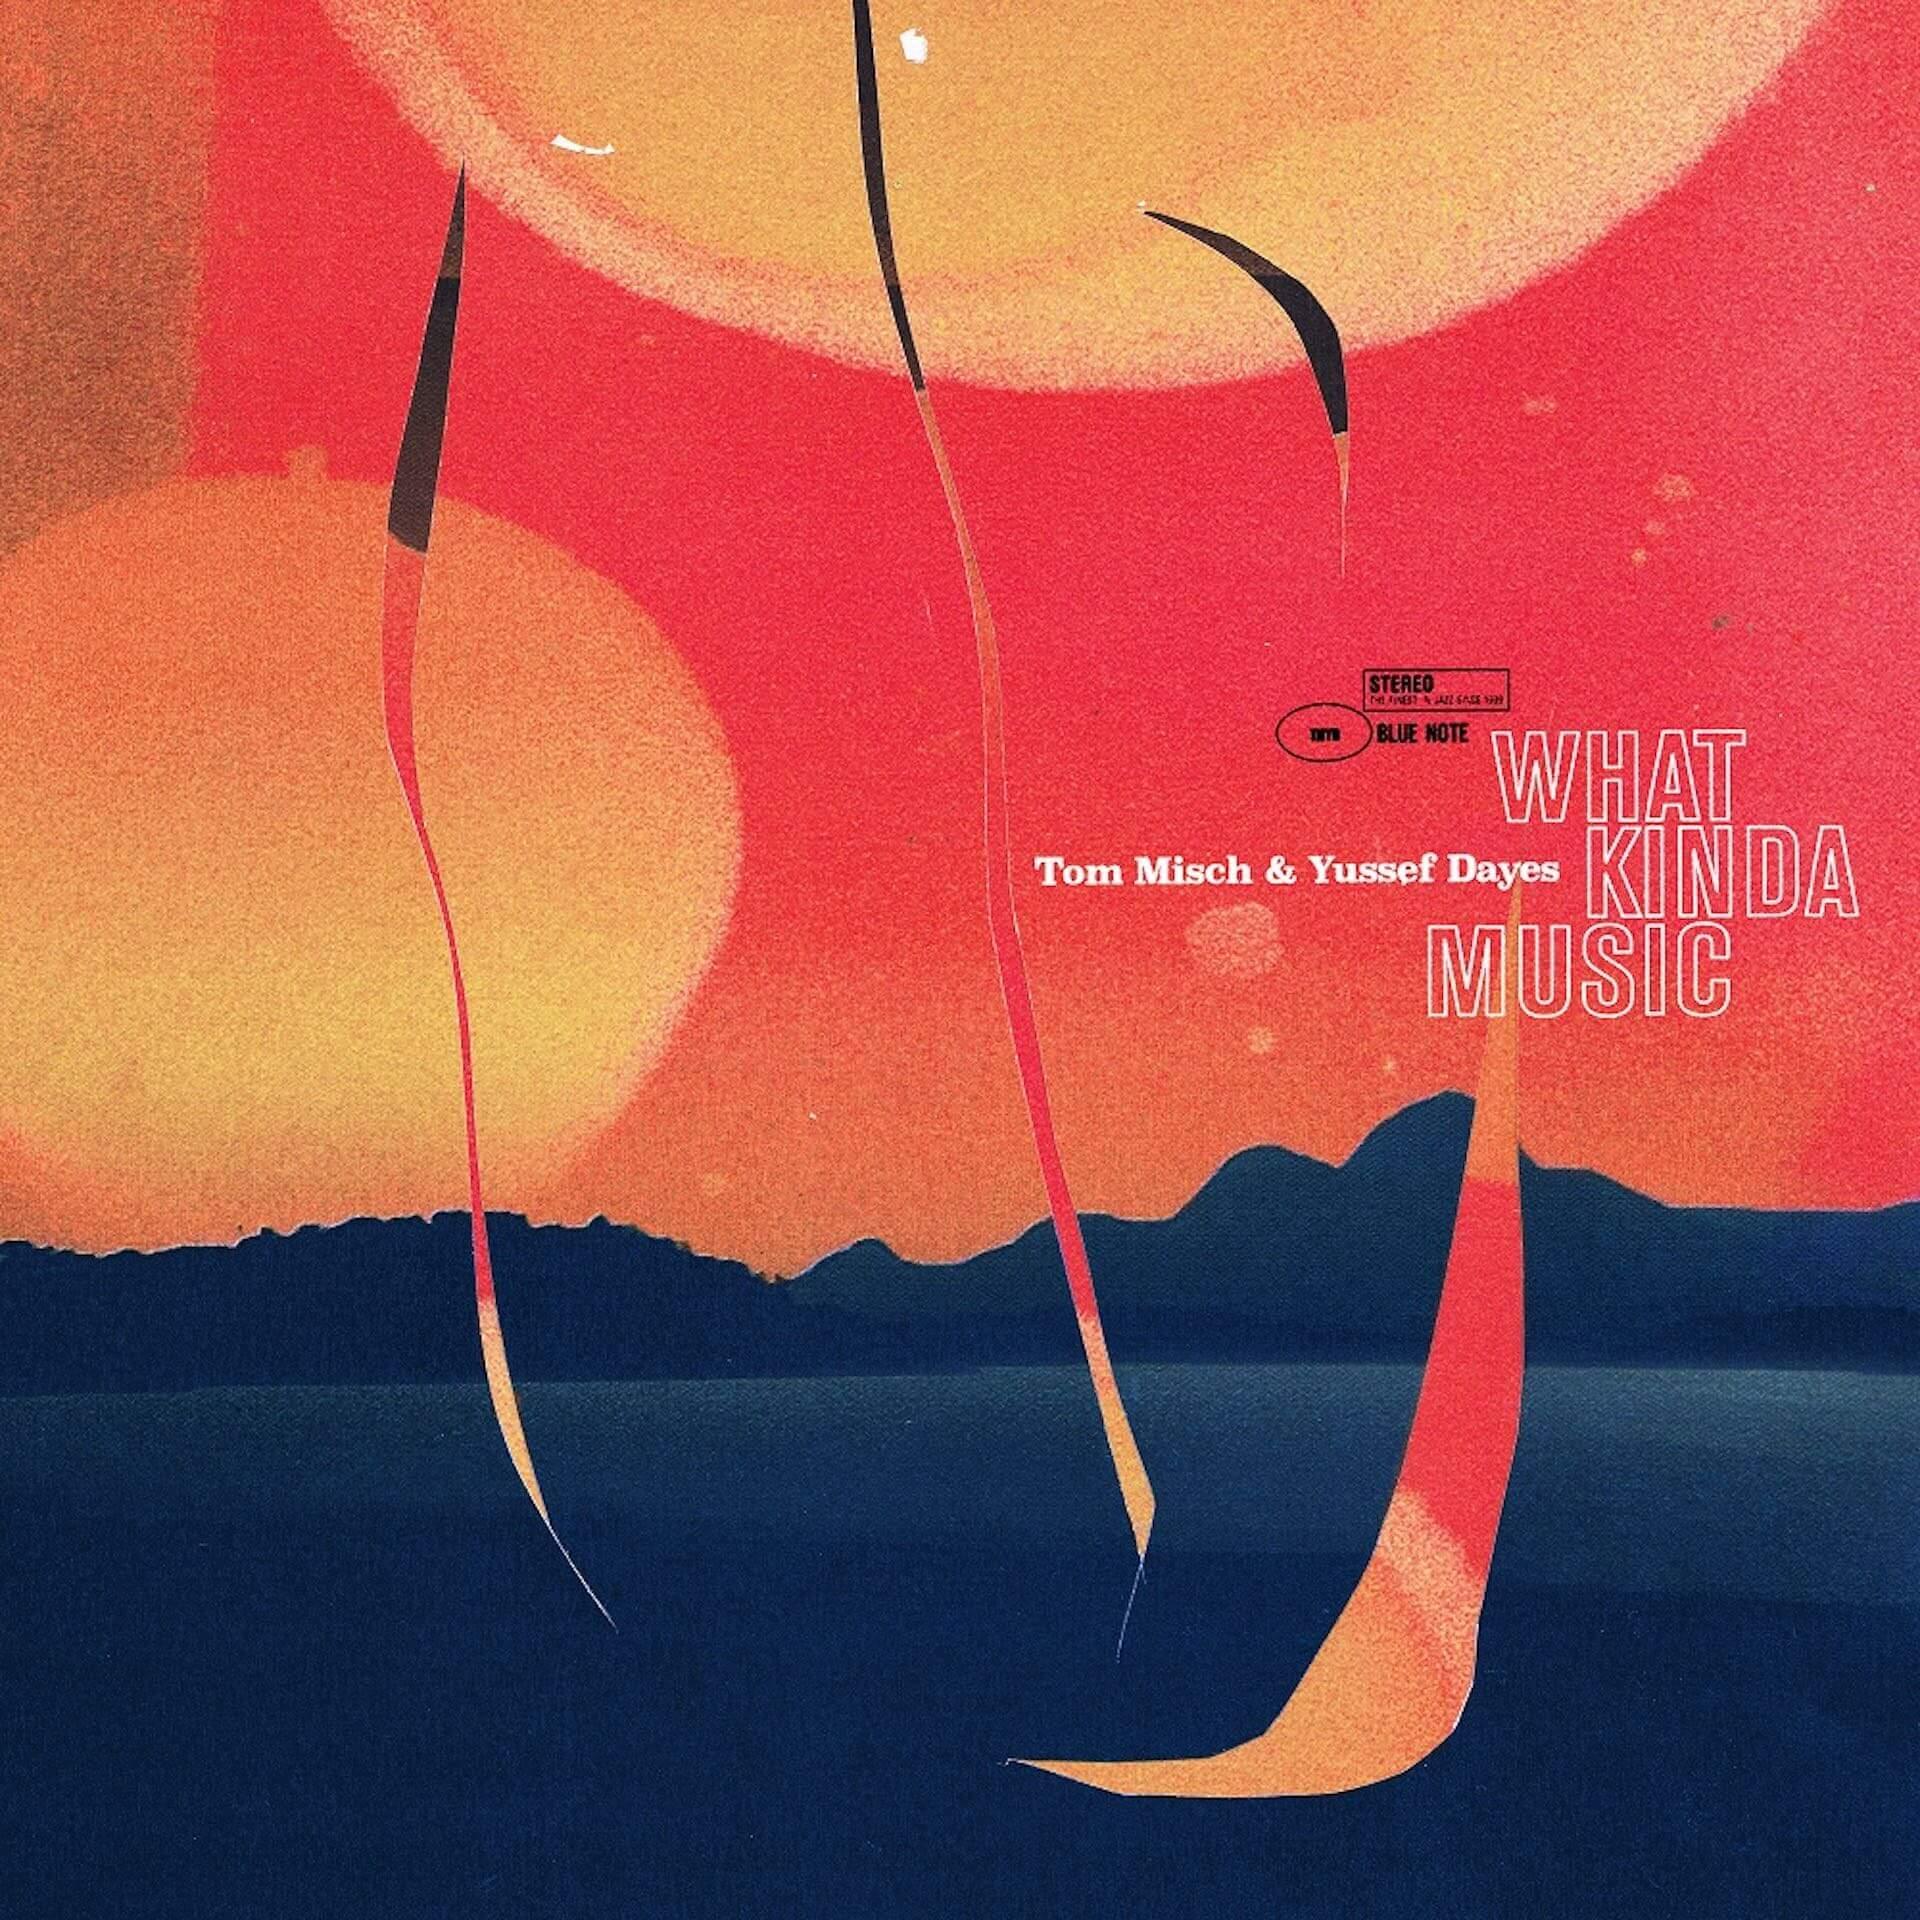 Tom MischとYussef Daysのコラボアルバム『What Kinda Music』のメイキング短編ドキュメンタリーが公開! music200427_tom_misch_documentary_01